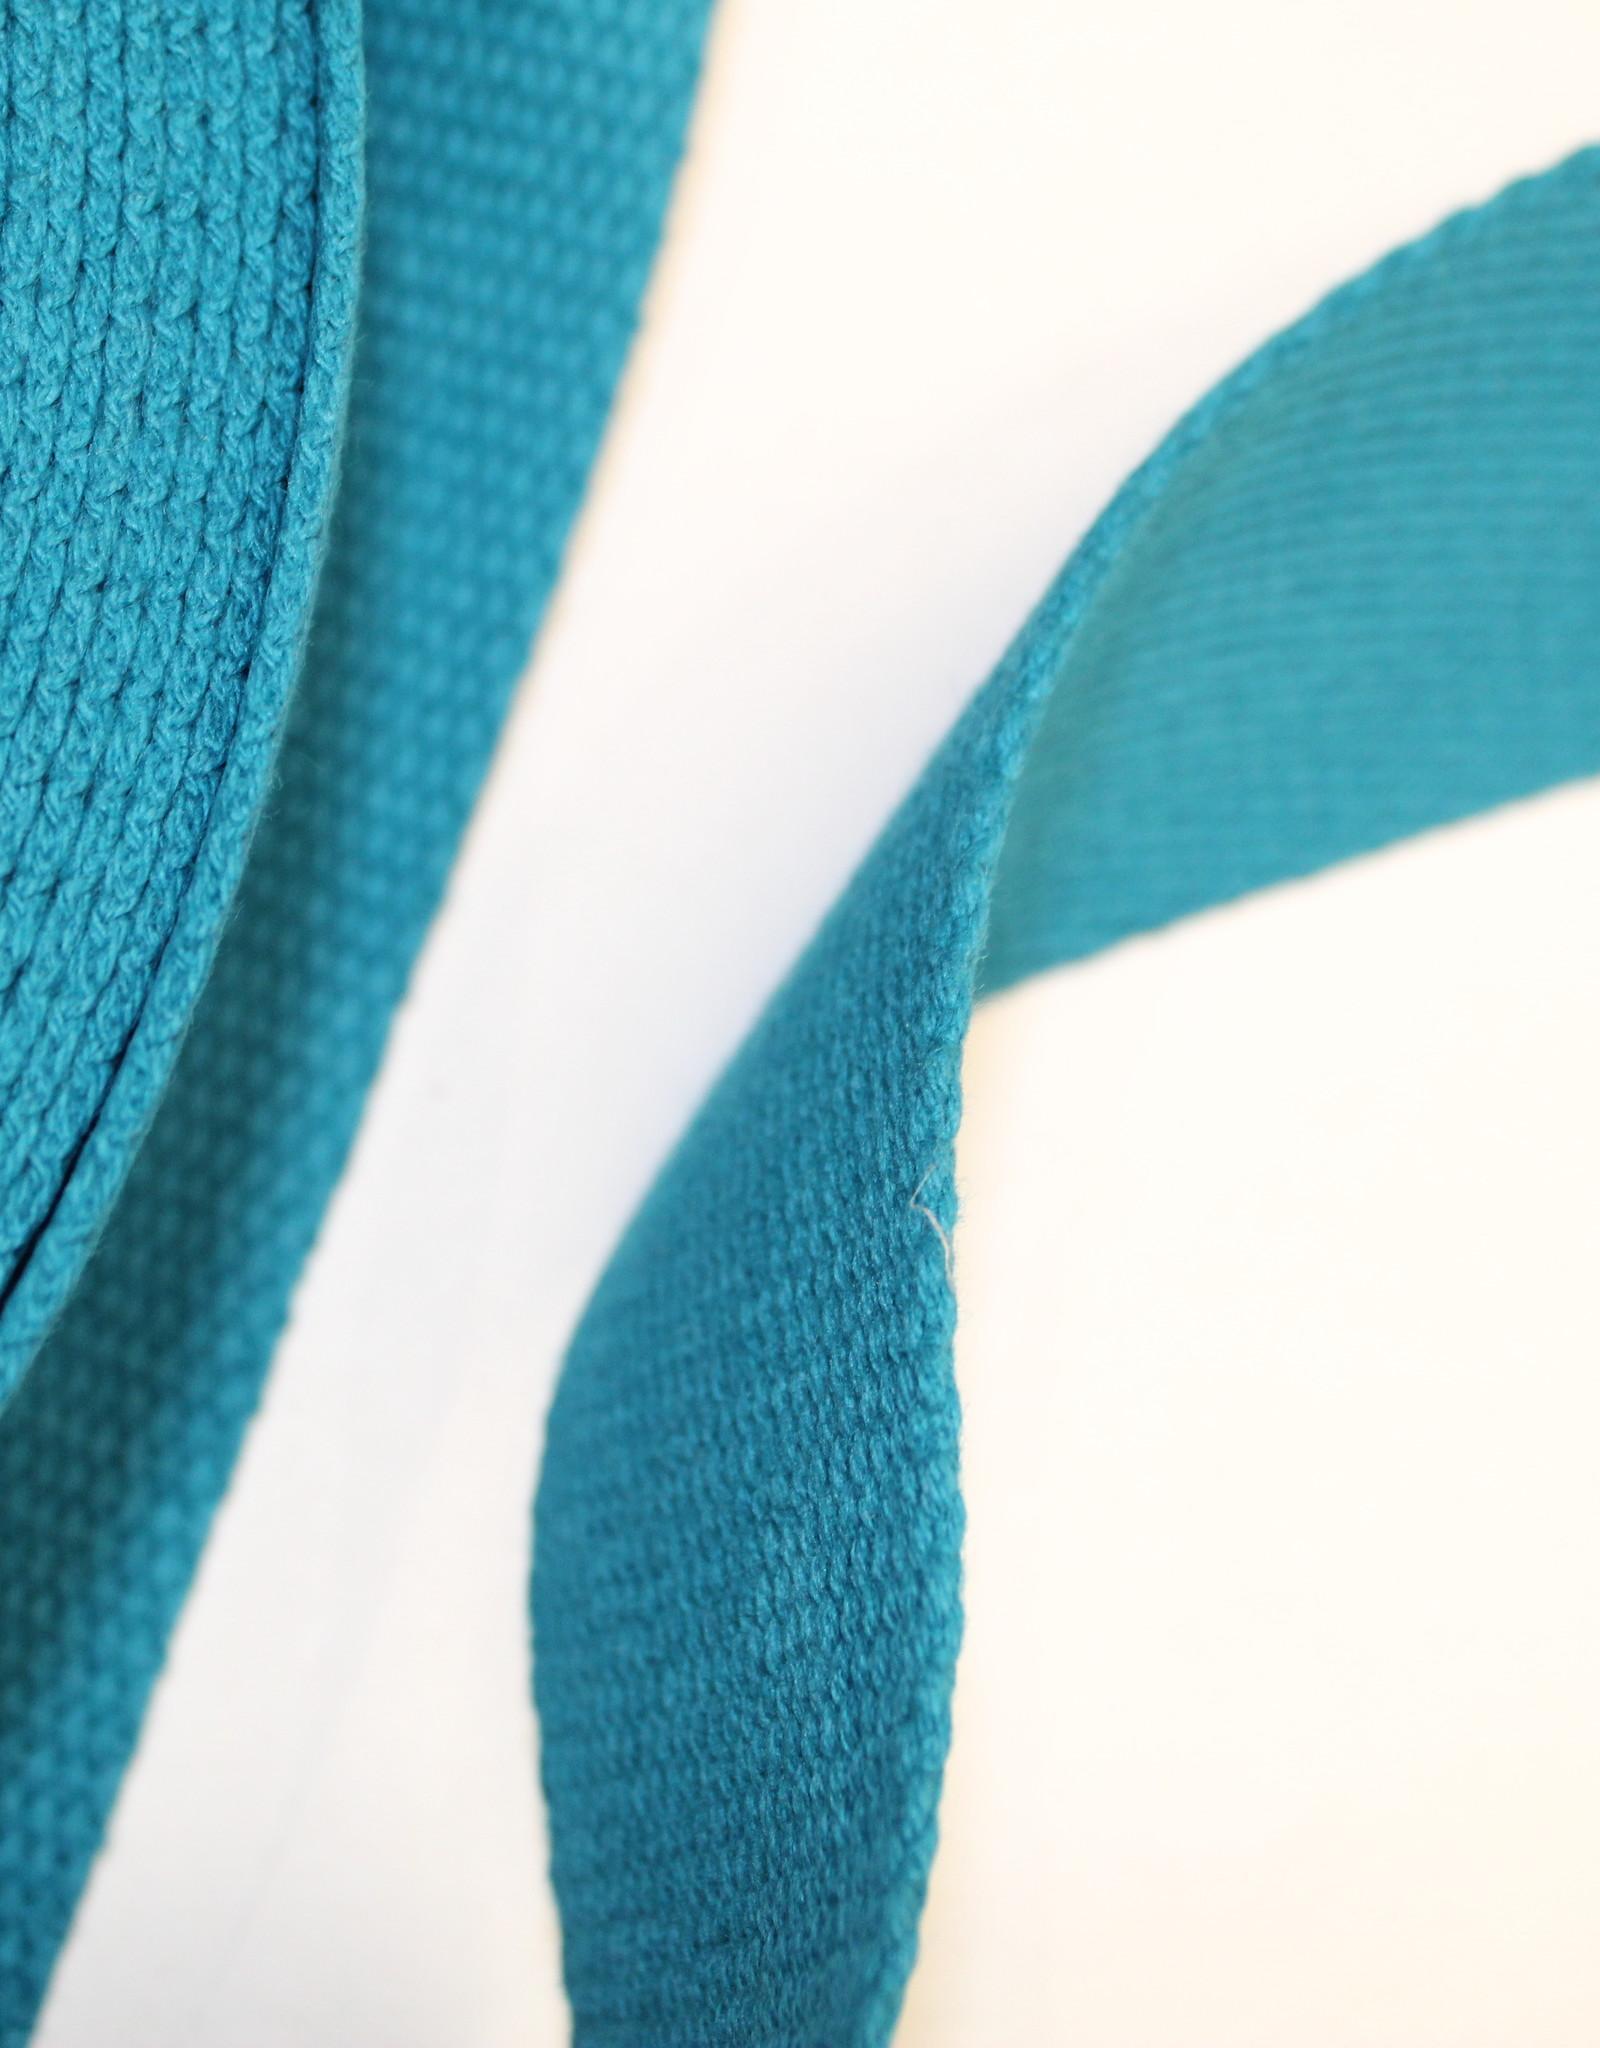 Tassenband katoen aqua 40mm